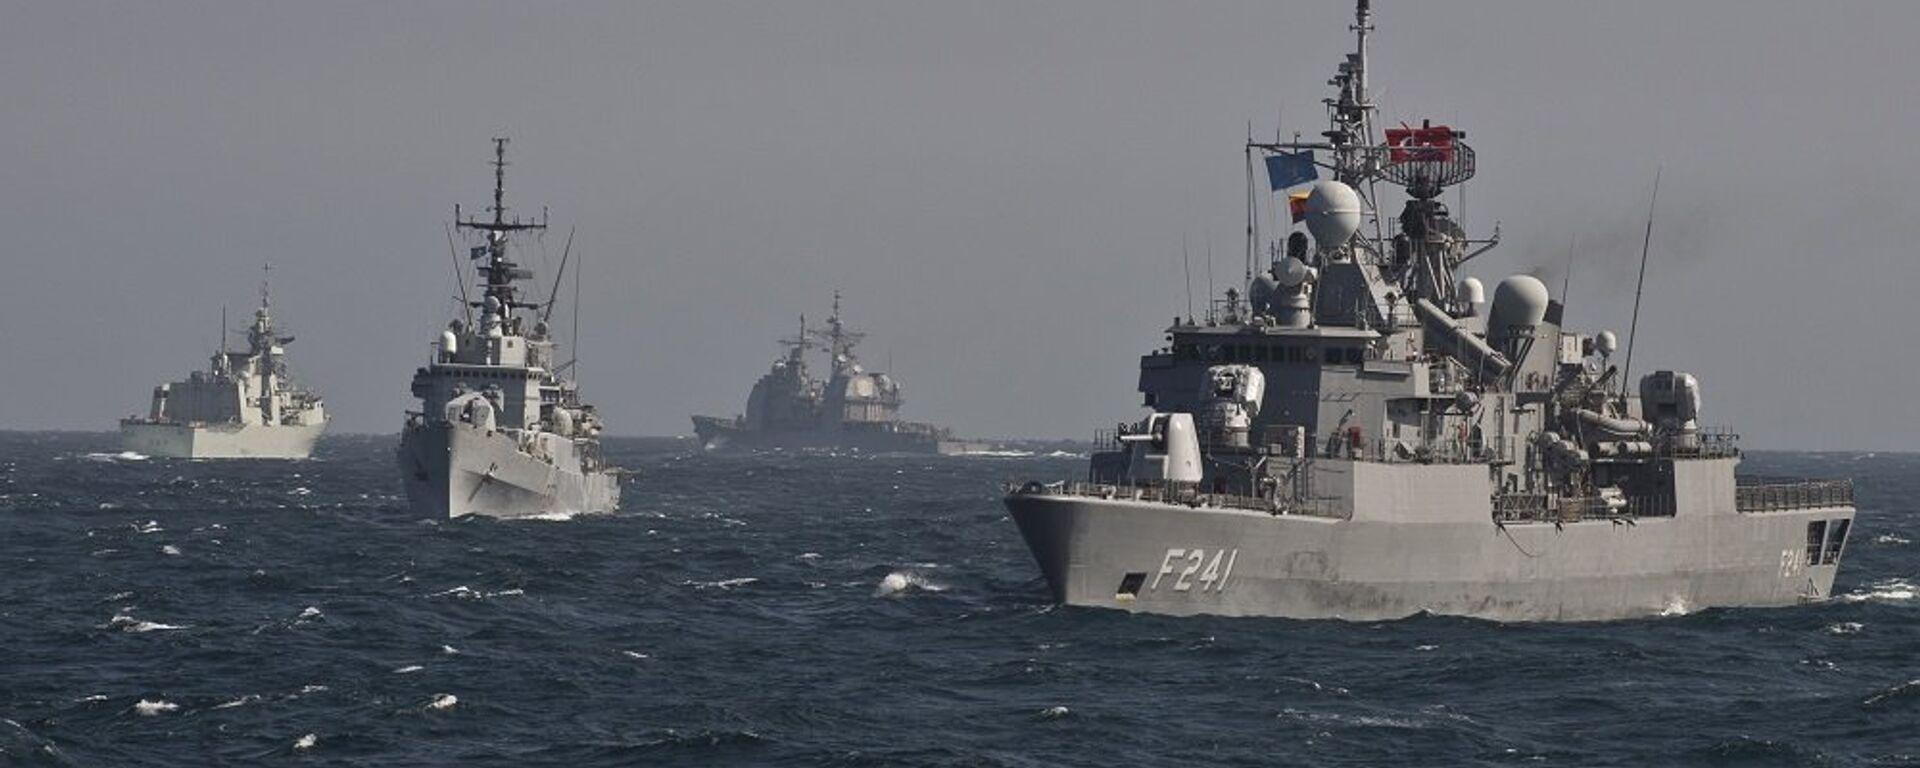 Πολεμικά πλοία του NATO σε άσκηση στη Μαύρη Θάλασσα - Sputnik Ελλάδα, 1920, 05.08.2021